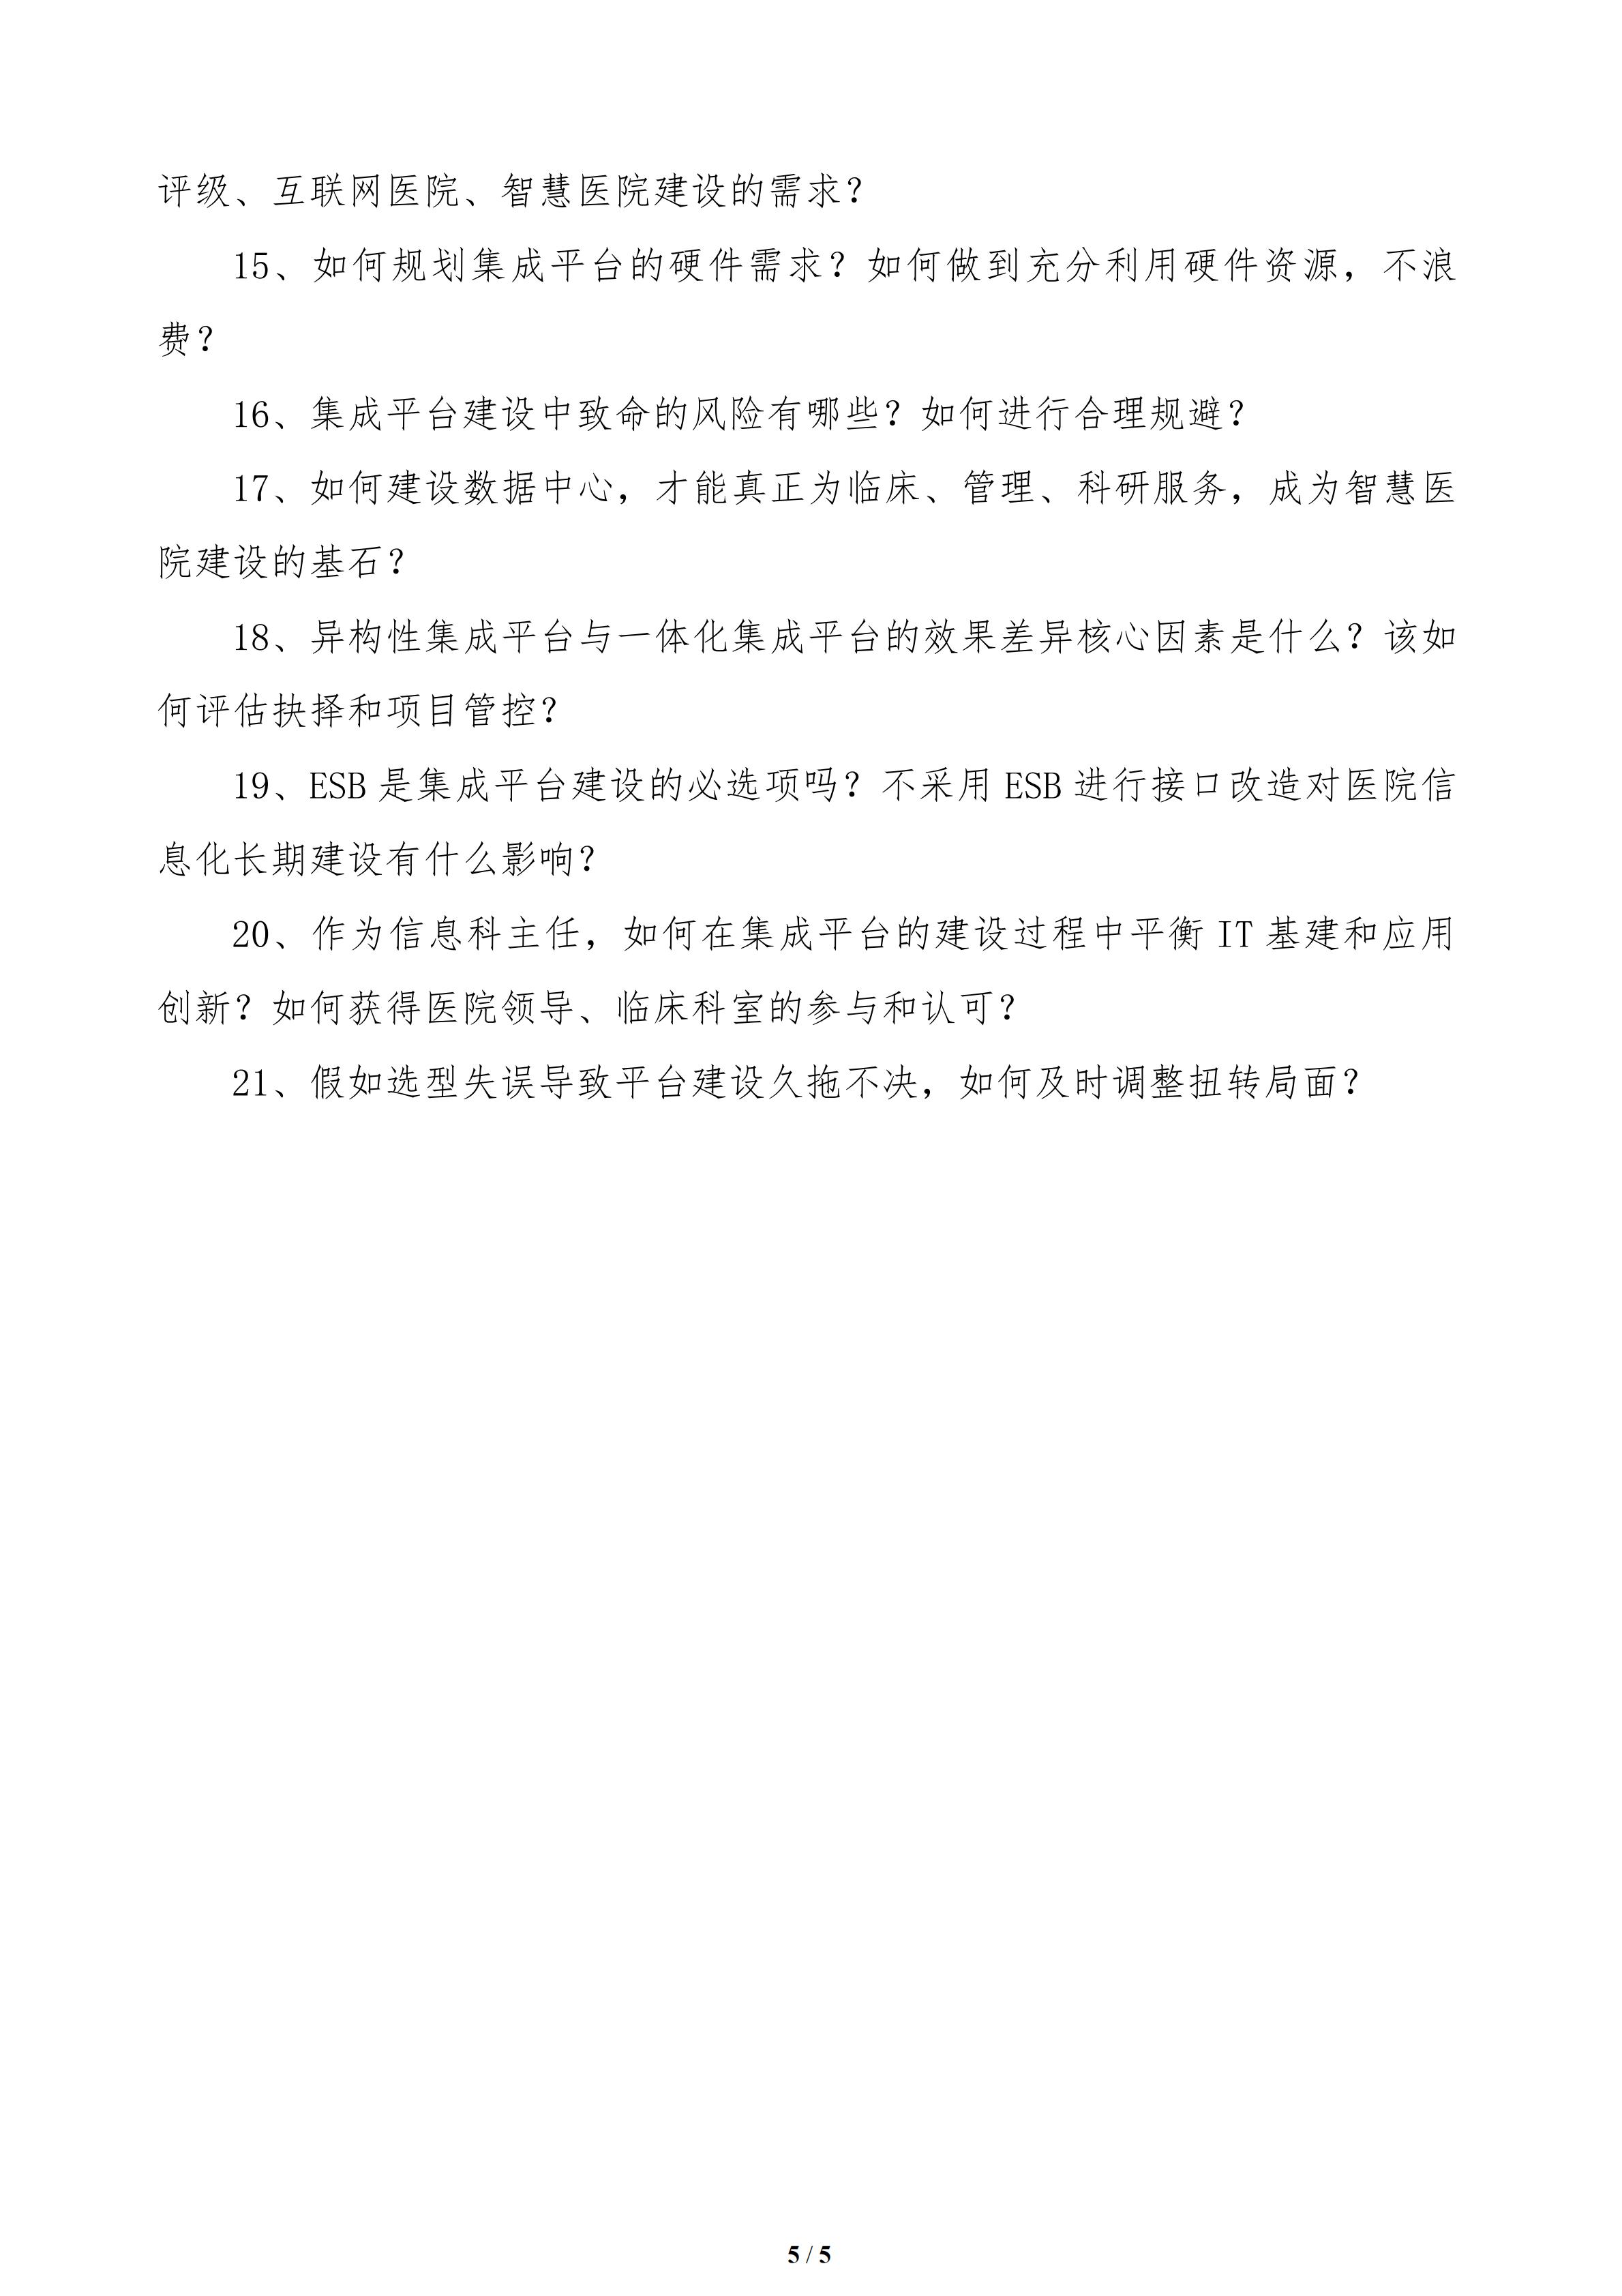 关于举办医院信息化集成平台建设网络研讨会的通知(3)(1)_04.png